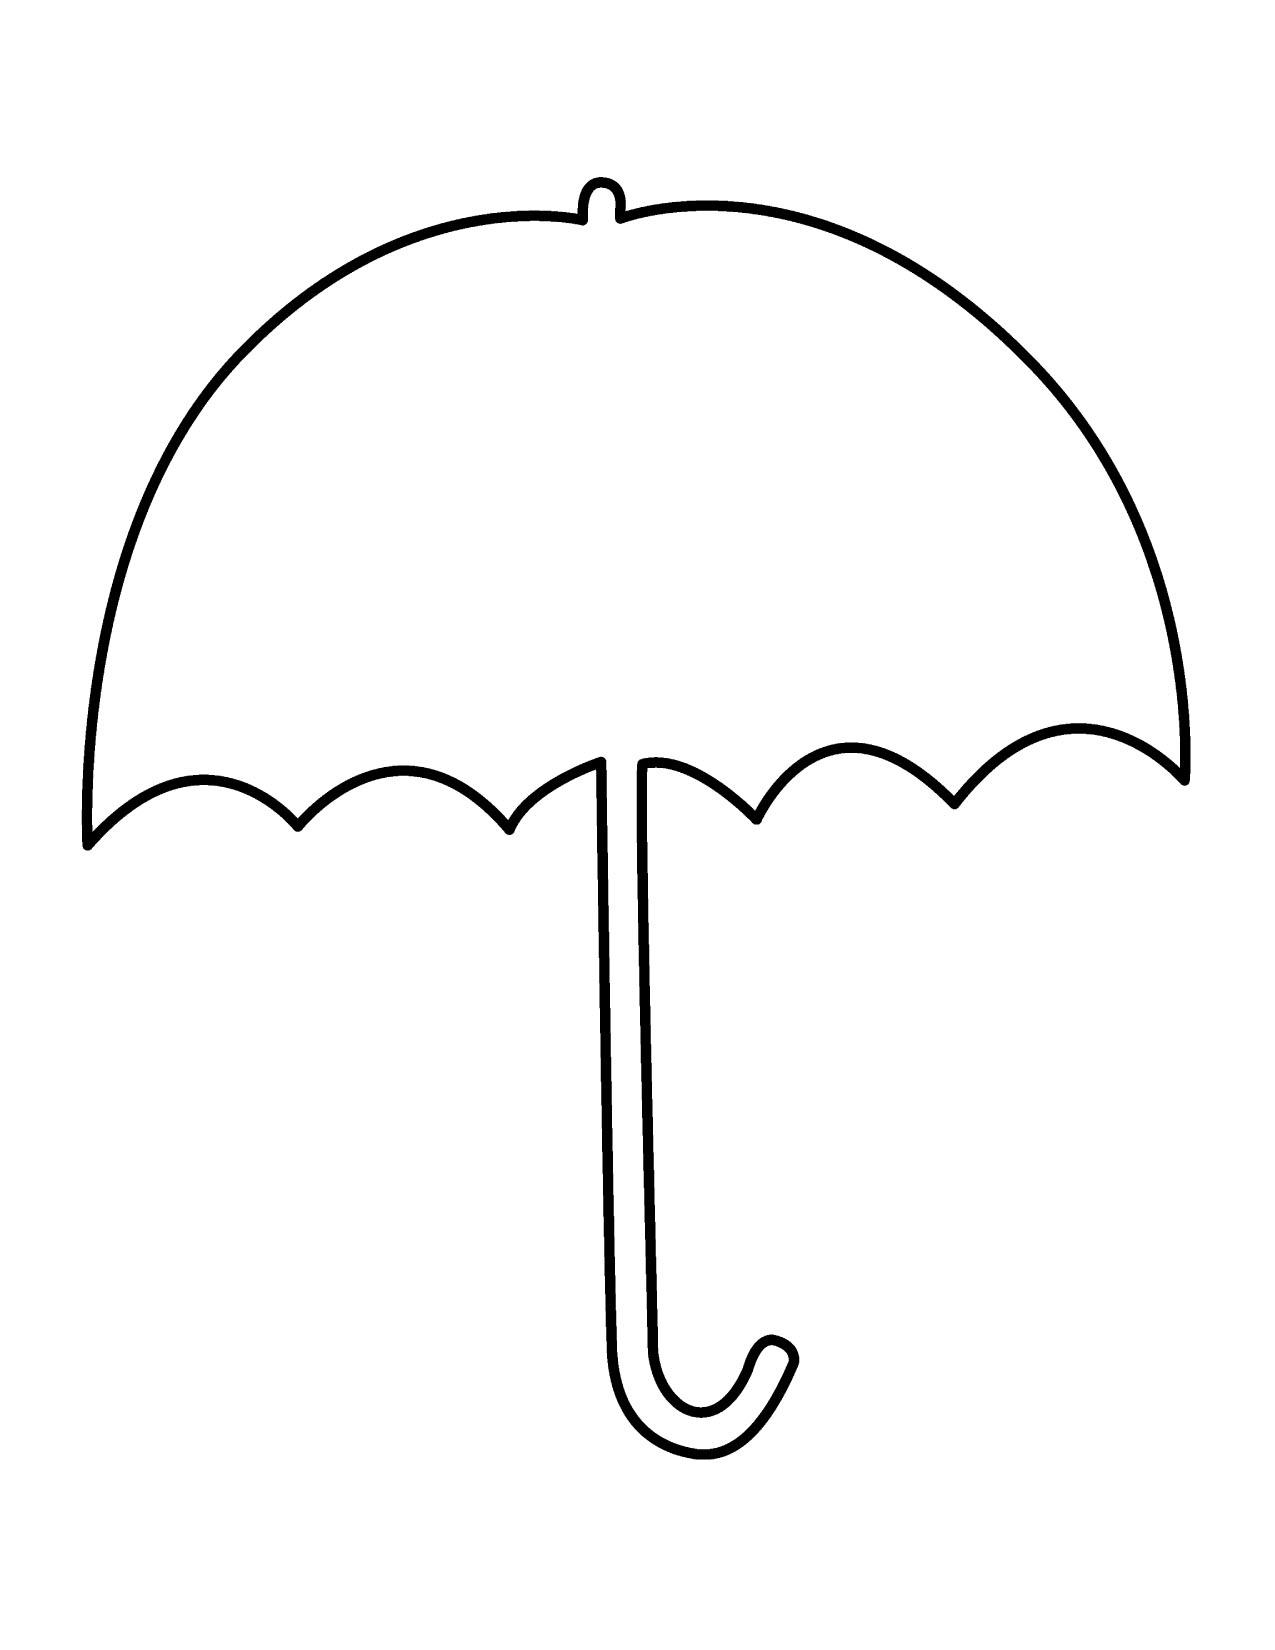 Umbrella clip art free clipart images